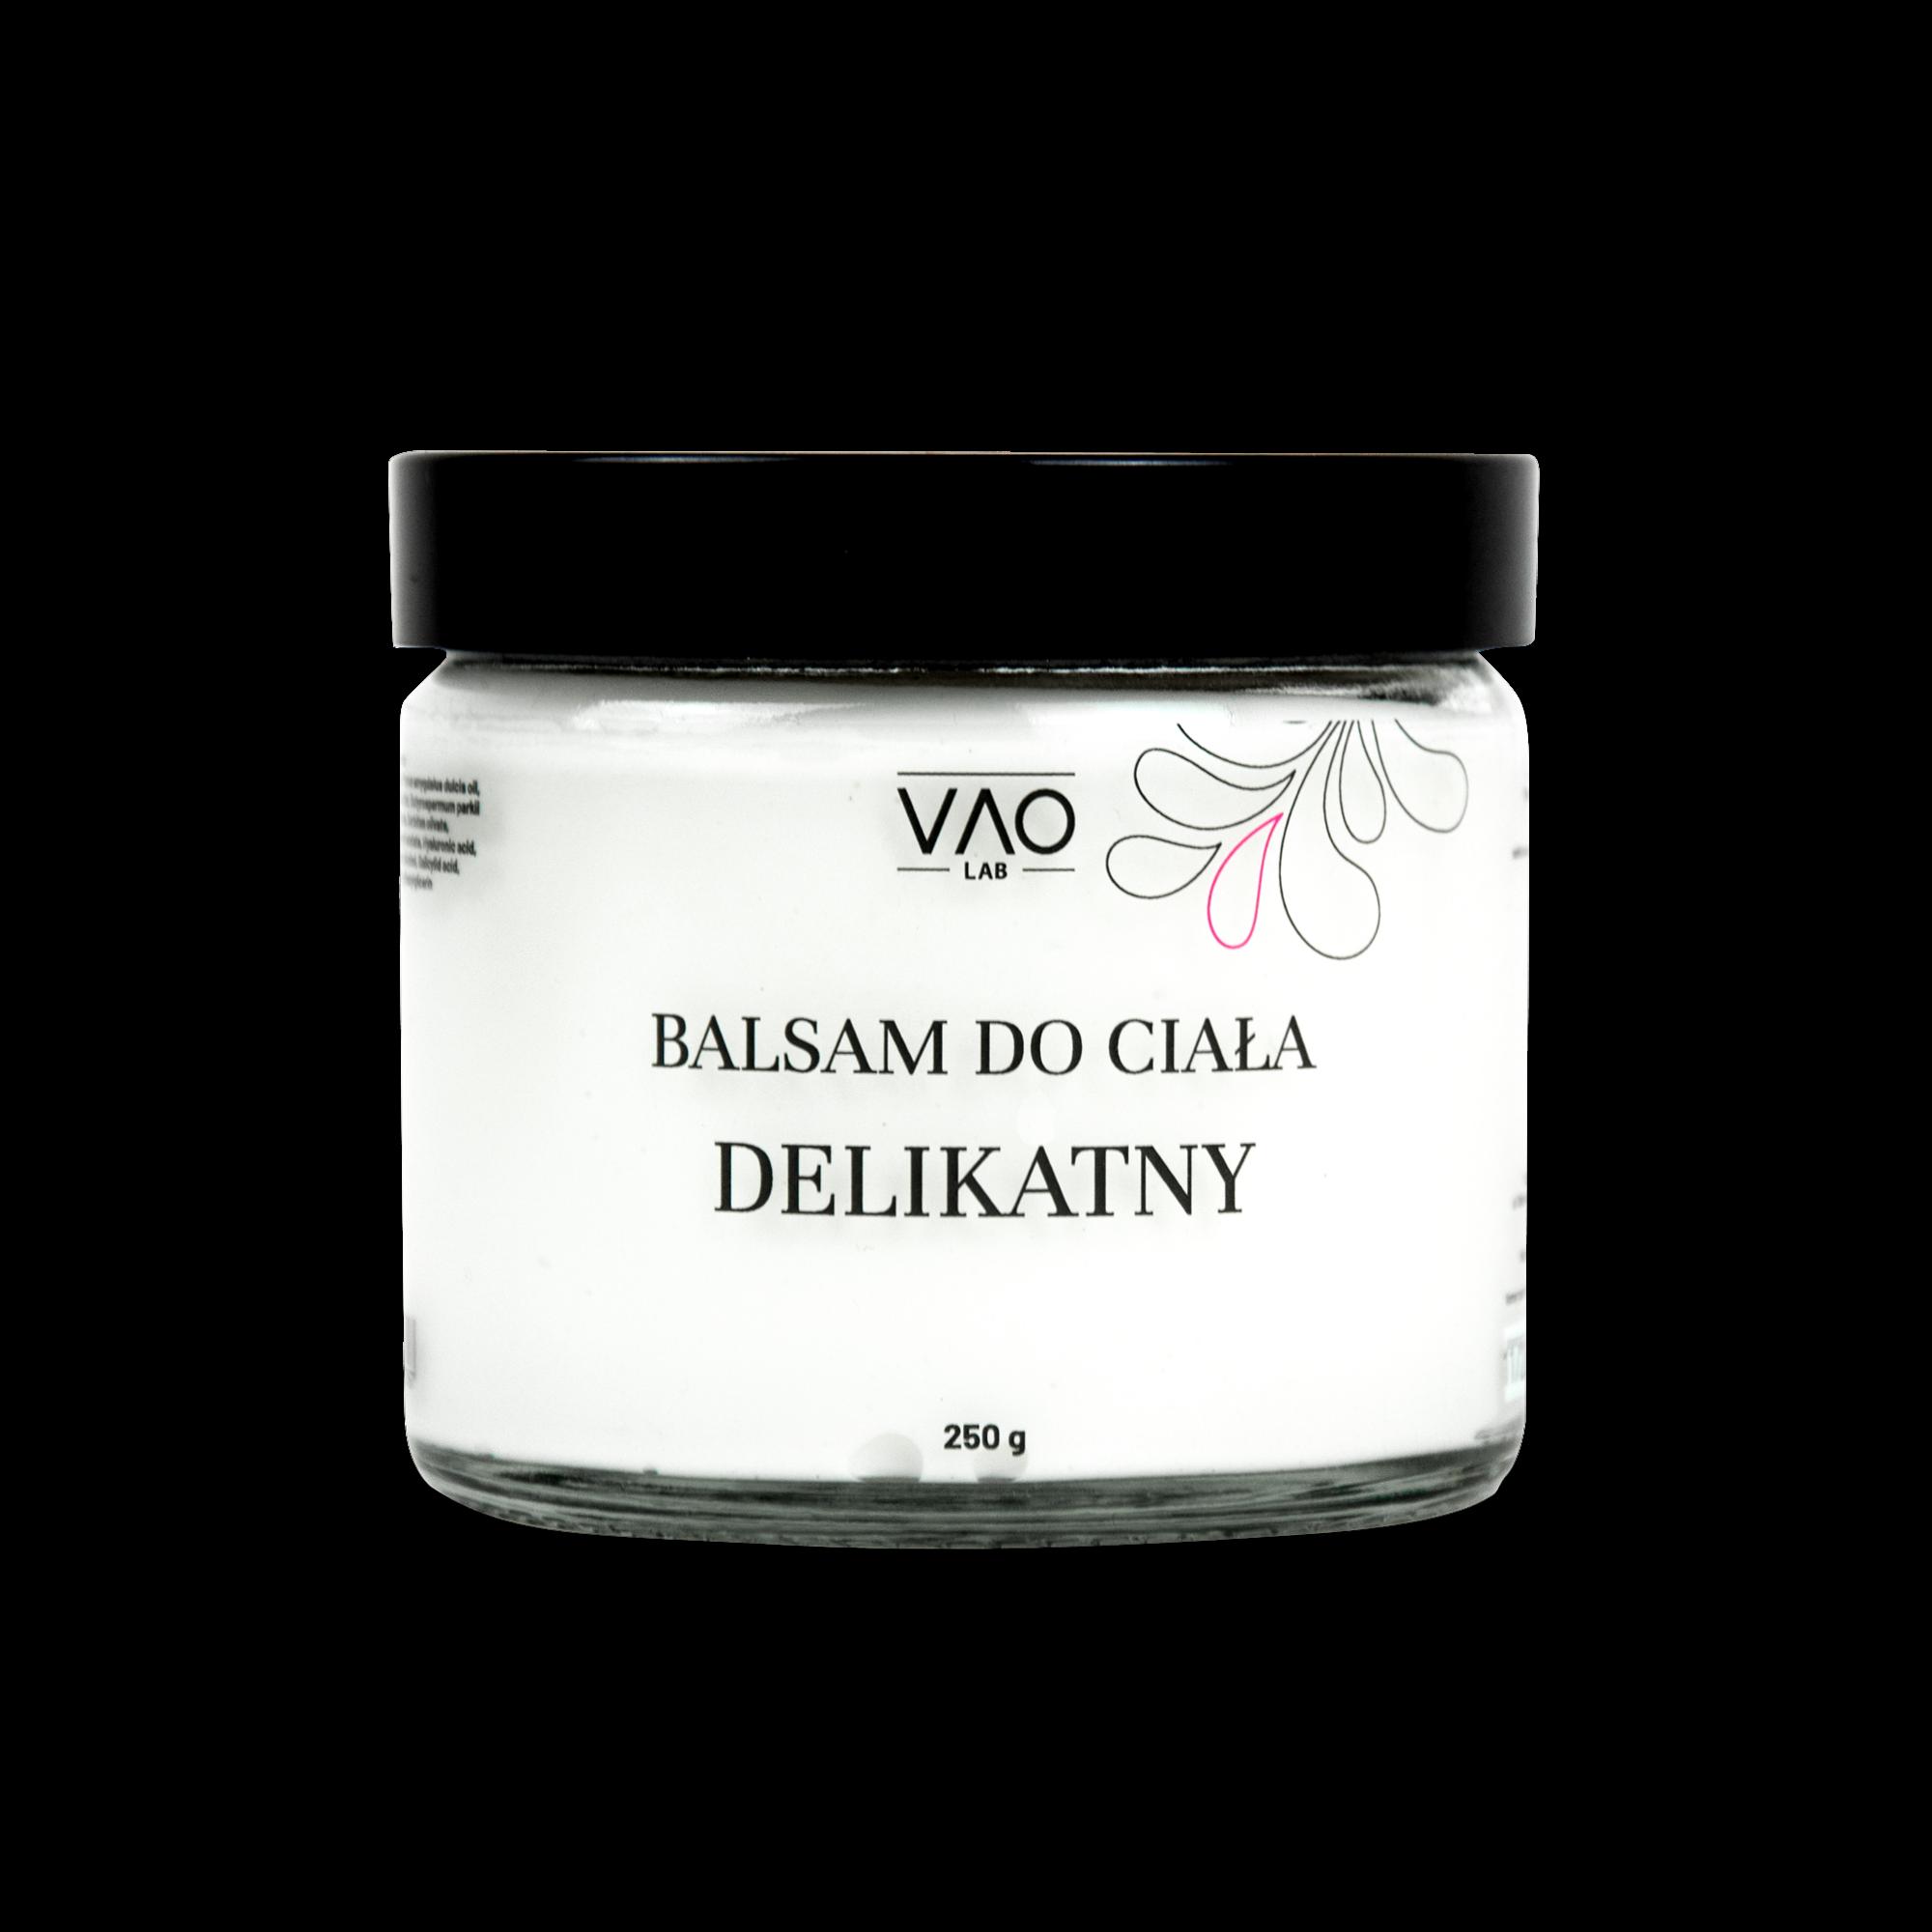 Balsam-do-ciała-DELIKATNY-250-g